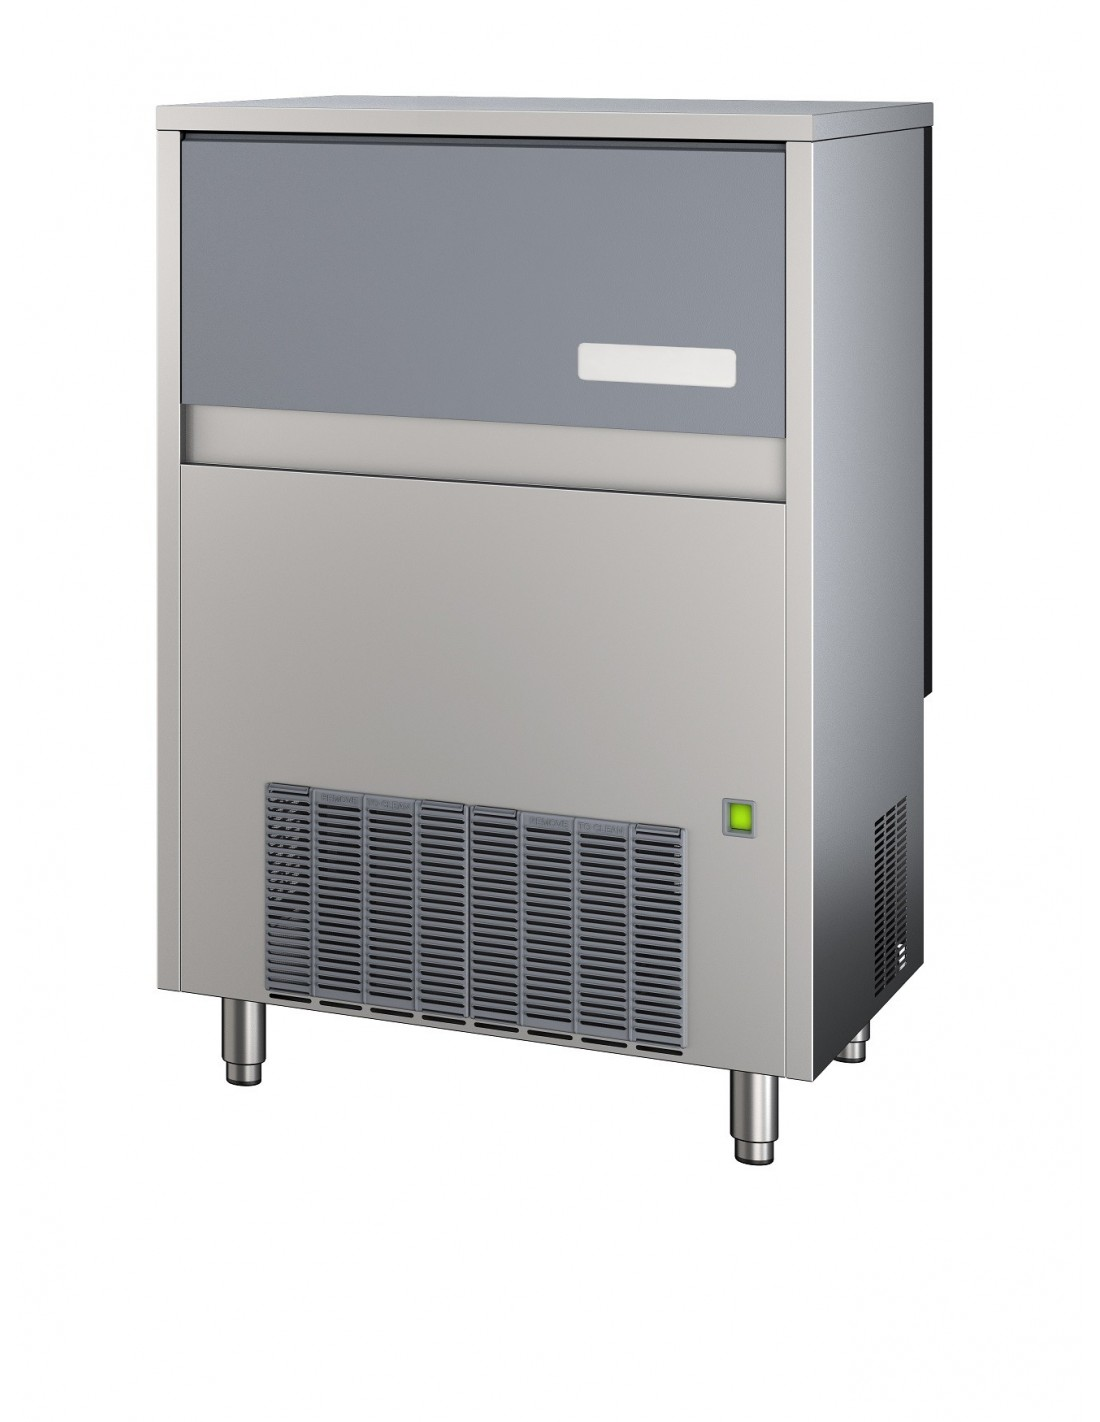 Fabbricatore di ghiaccio a granuli pressati SLT 270